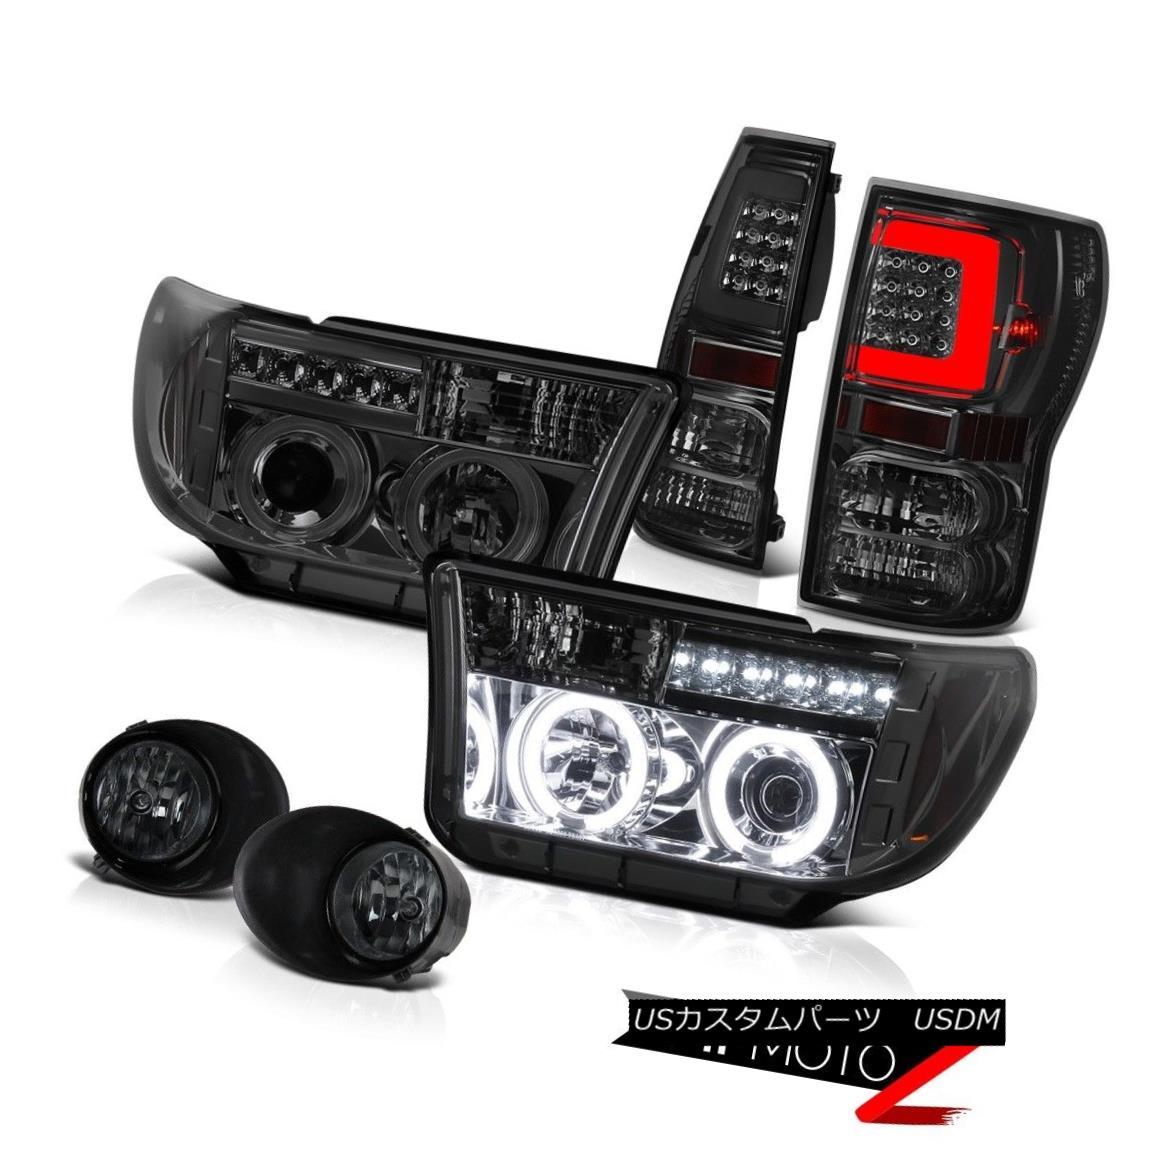 テールライト 07-10 11 12 13 Toyota Tundra Smoked Led Rear Driving Projector Head Lights LH+RH 07-10 11 12 13トヨタトンドラスモークド・リア・ドライブ・プロジェクターヘッドライトLH + RH